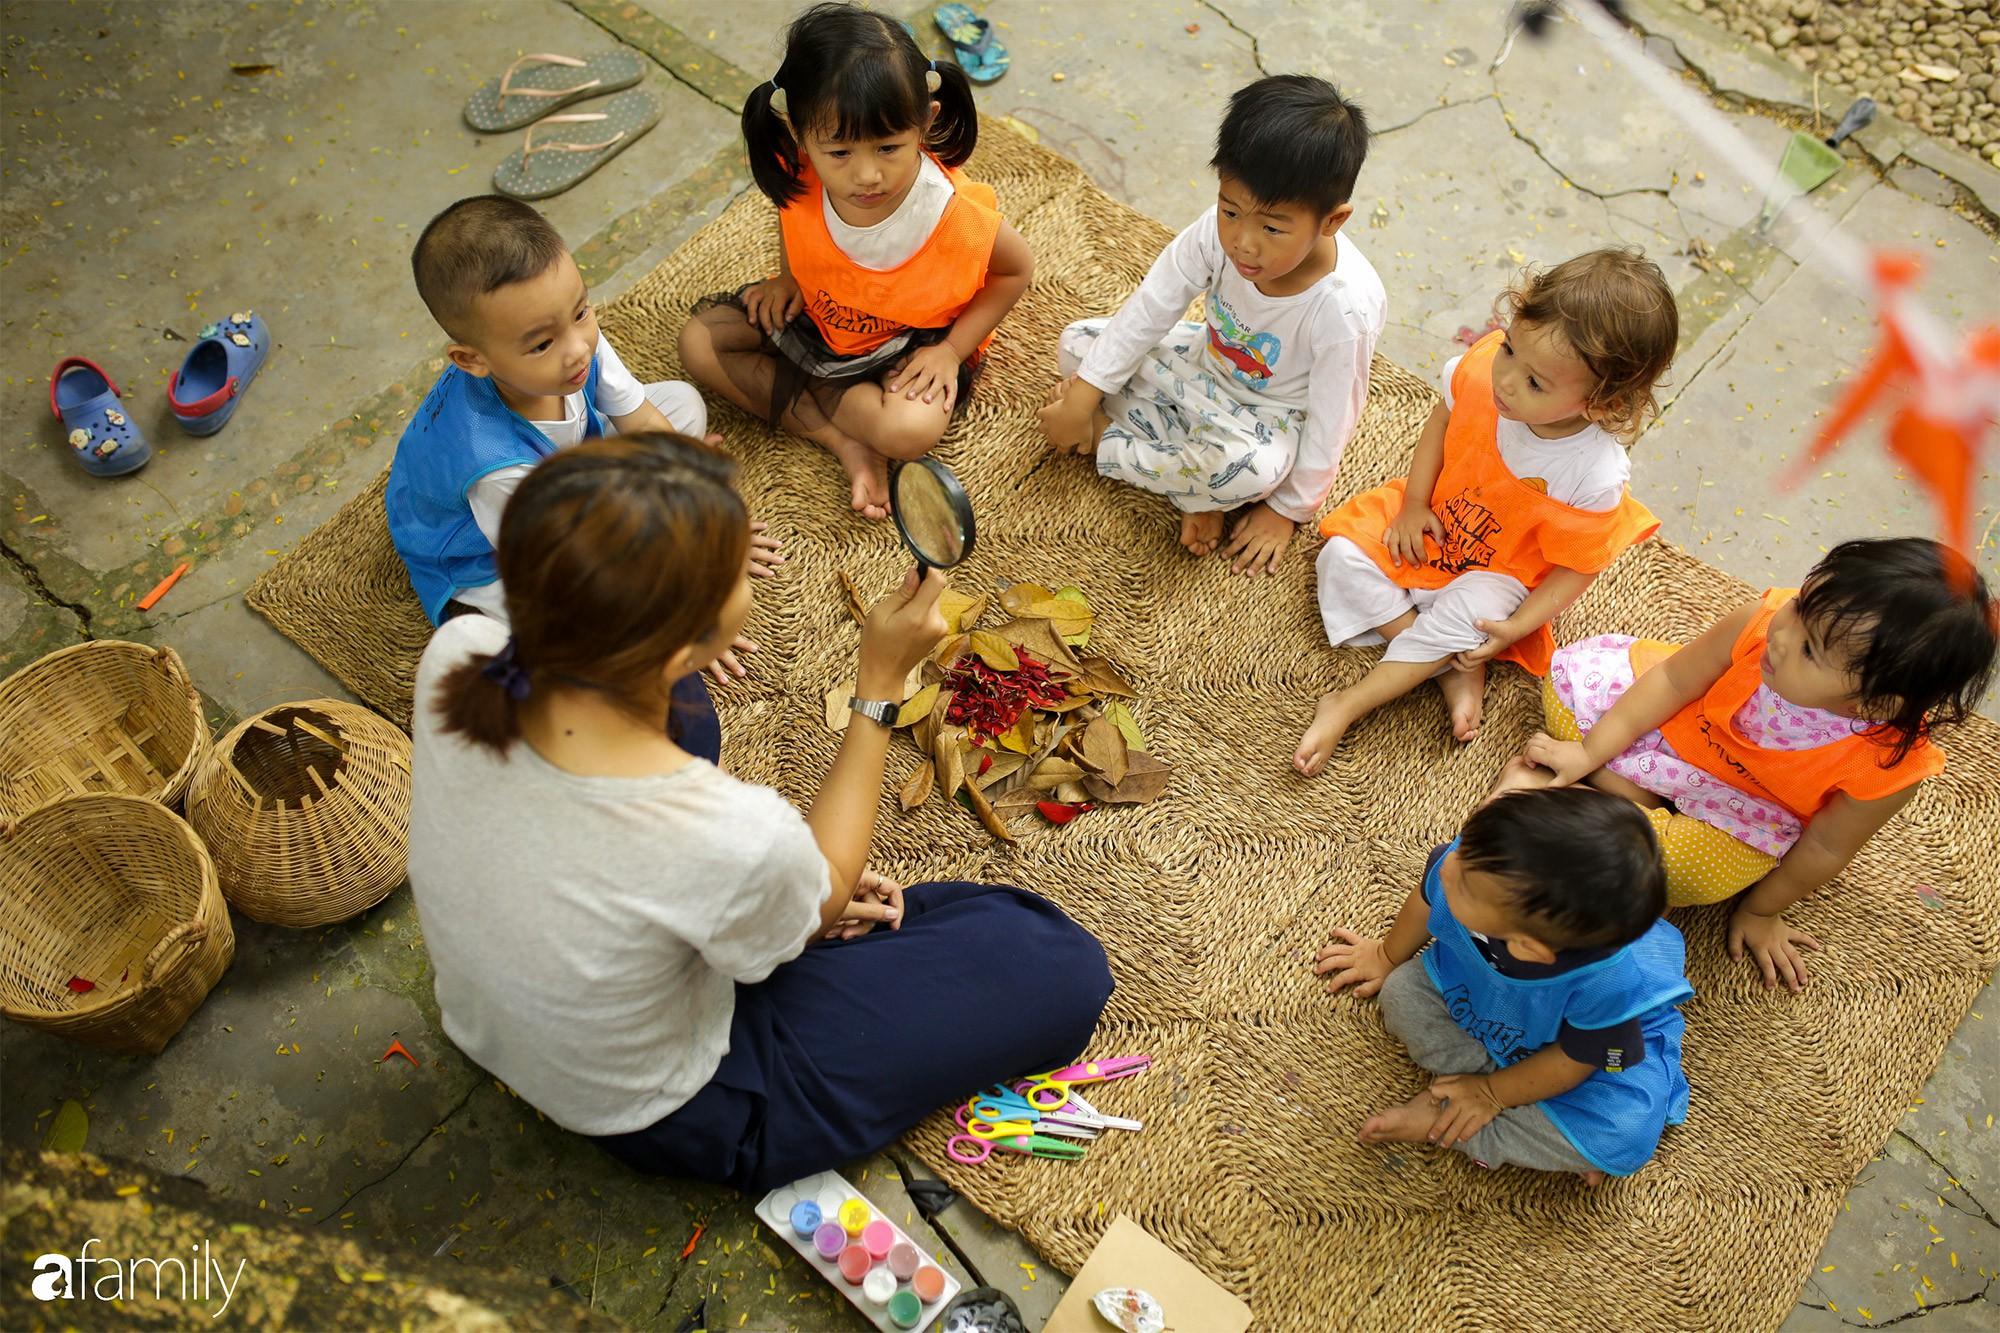 """Giữa Sài Gòn có một trường mẫu giáo không có lớp học để trẻ thỏa sức """" dầm mưa dãi nắng"""" cả ngày"""